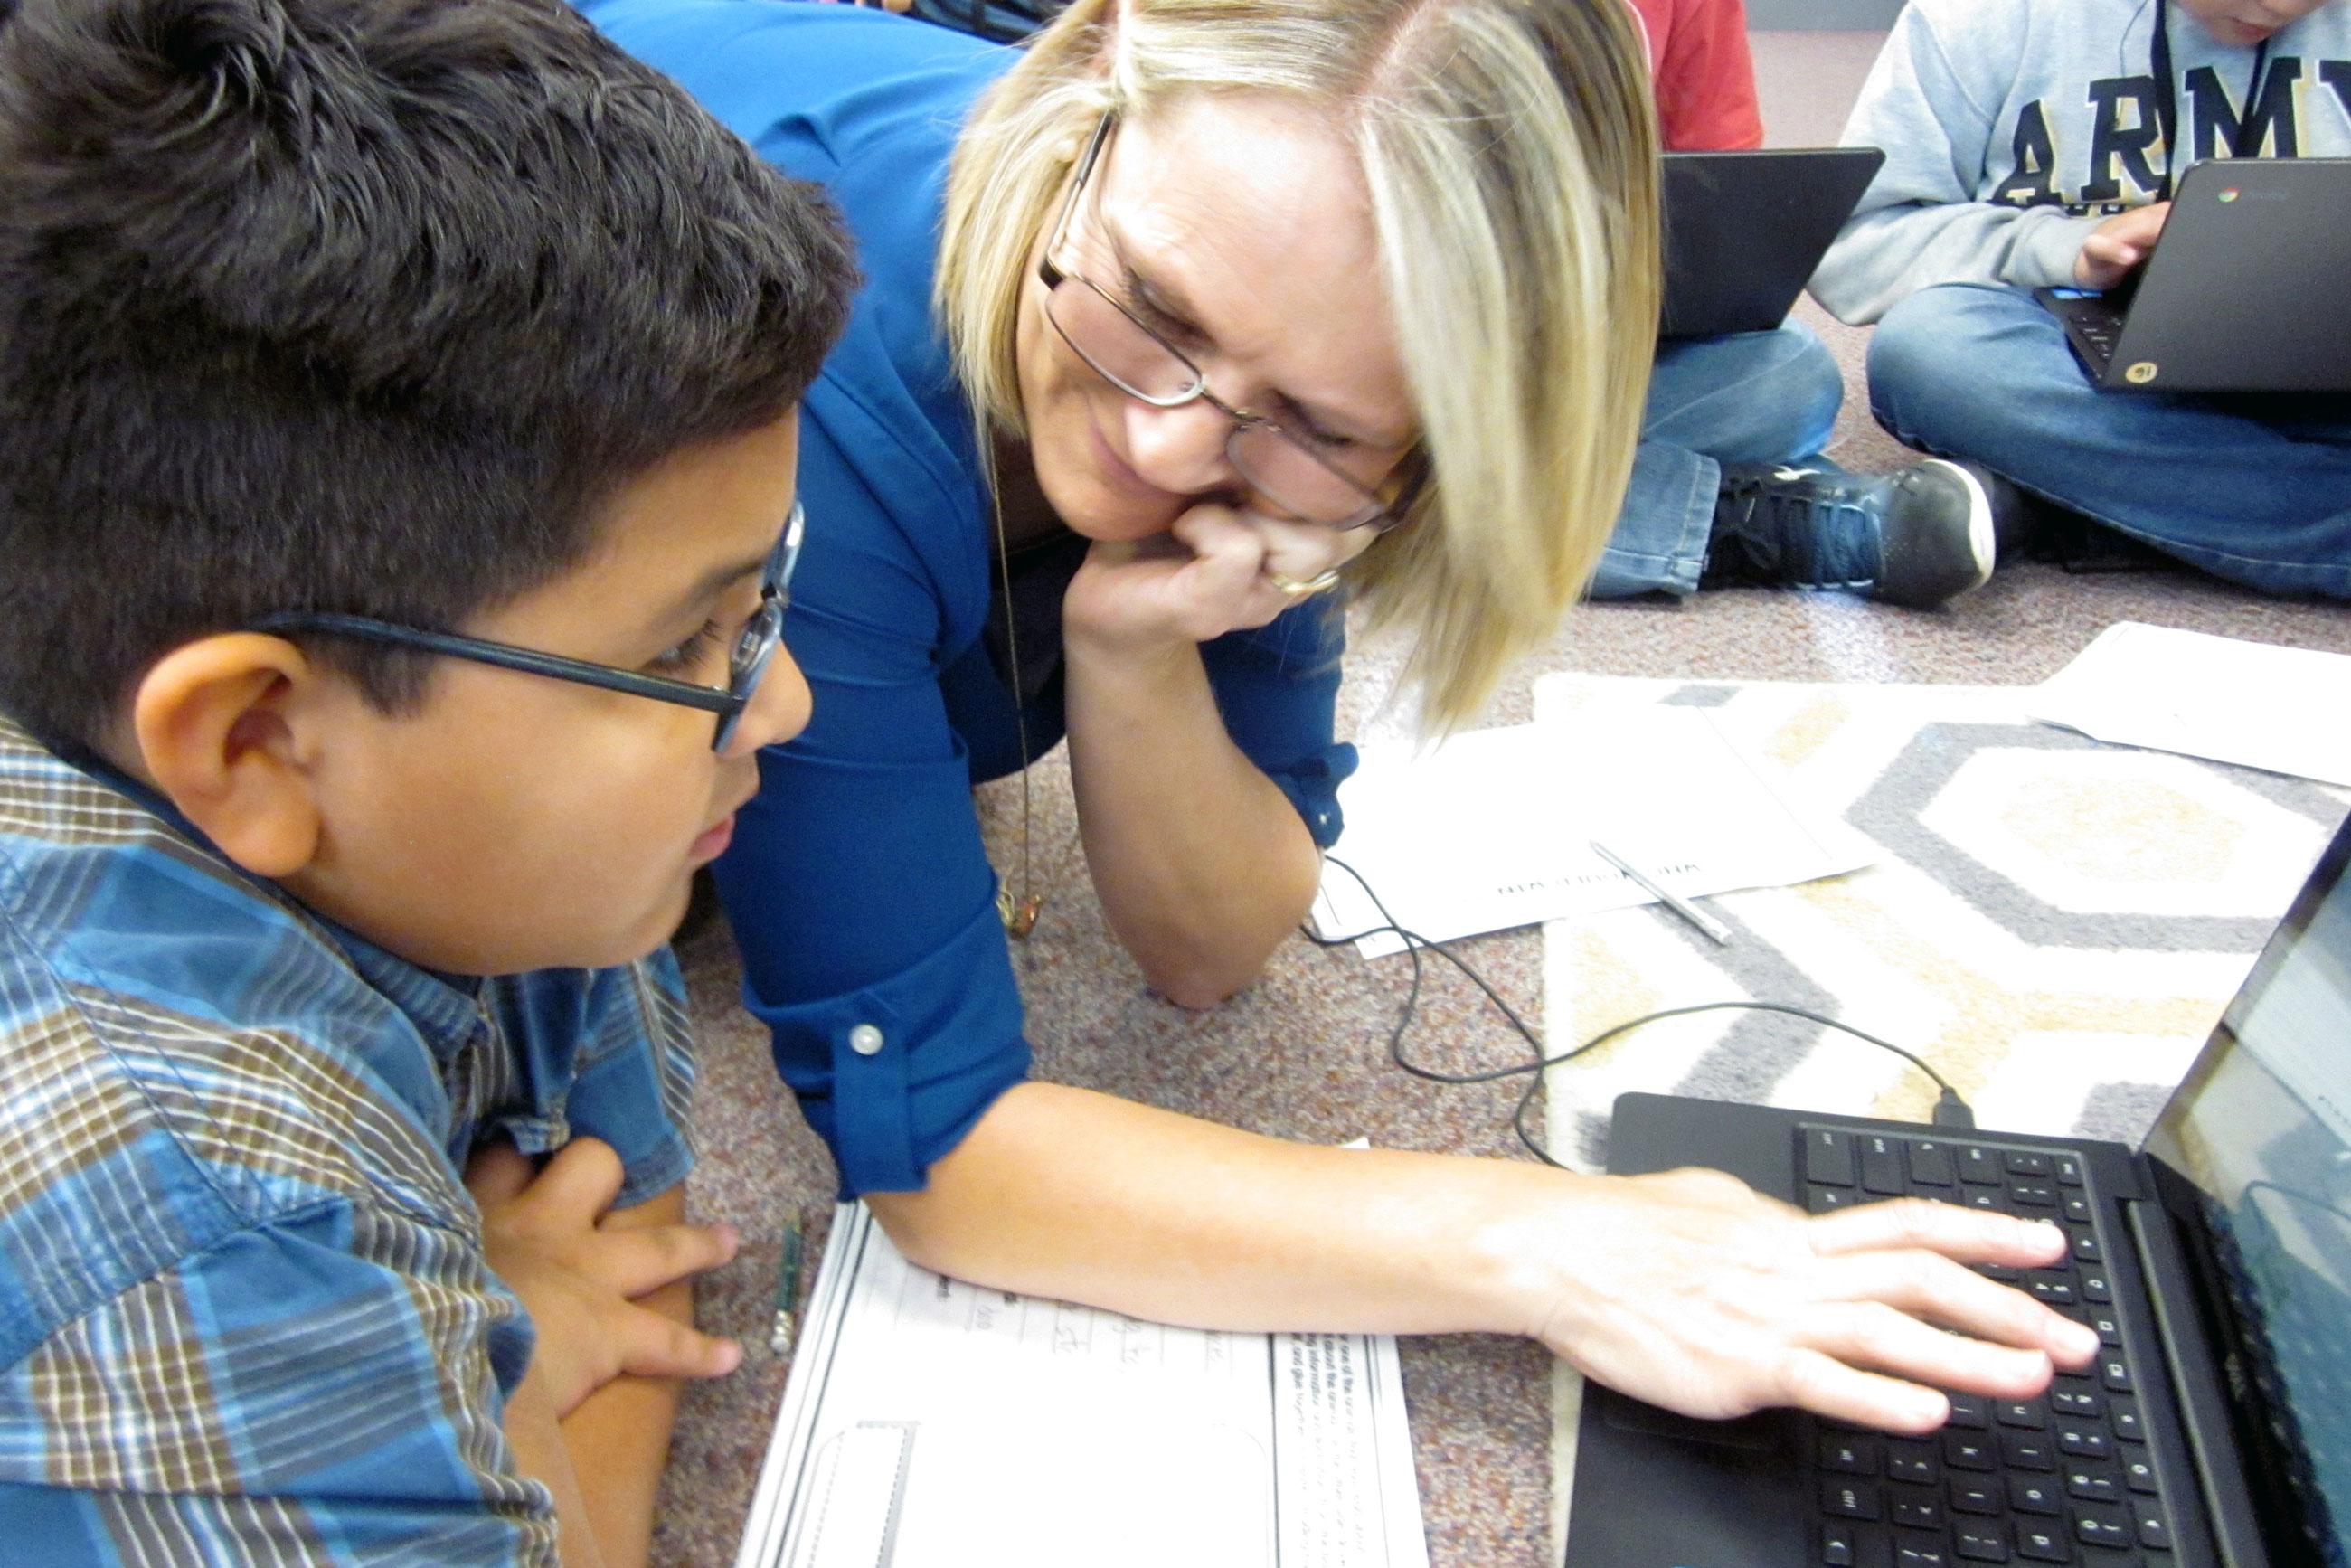 Fields Money Matters 3 | Teacher Camille McCullough w/ Student - JBrundin